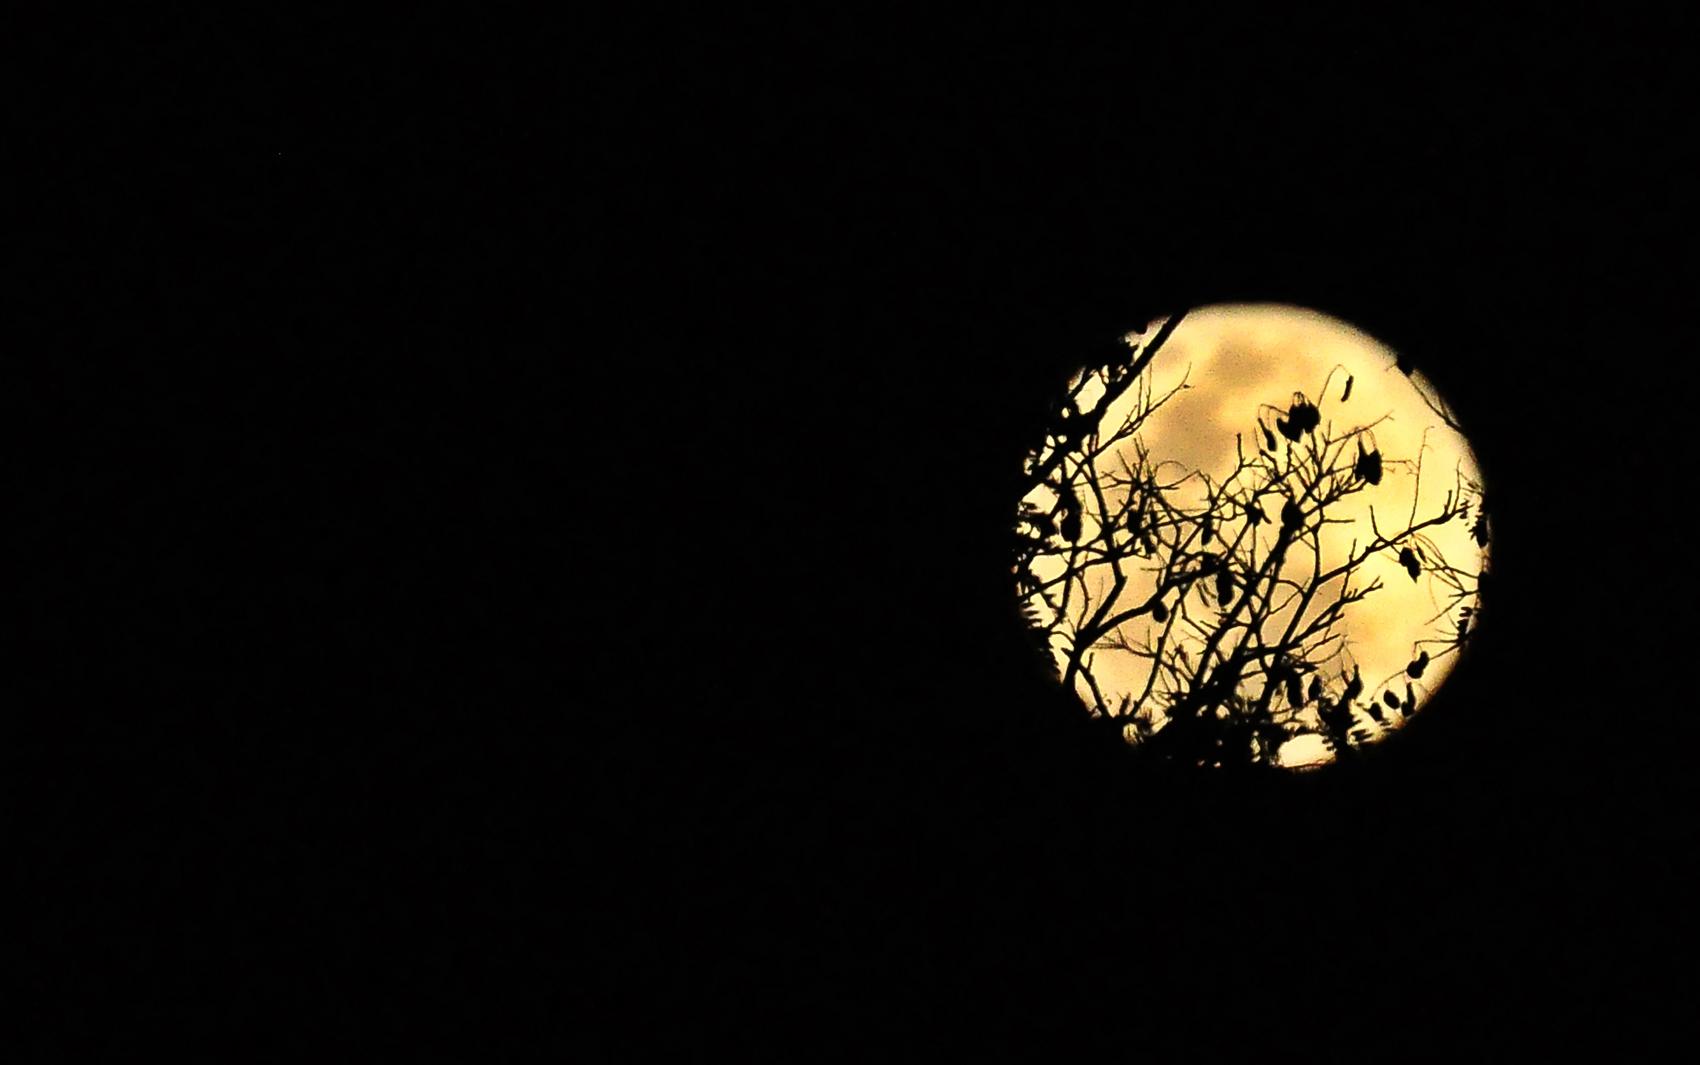 Lua clicada em Uberlândia (MG) por leitora do G1